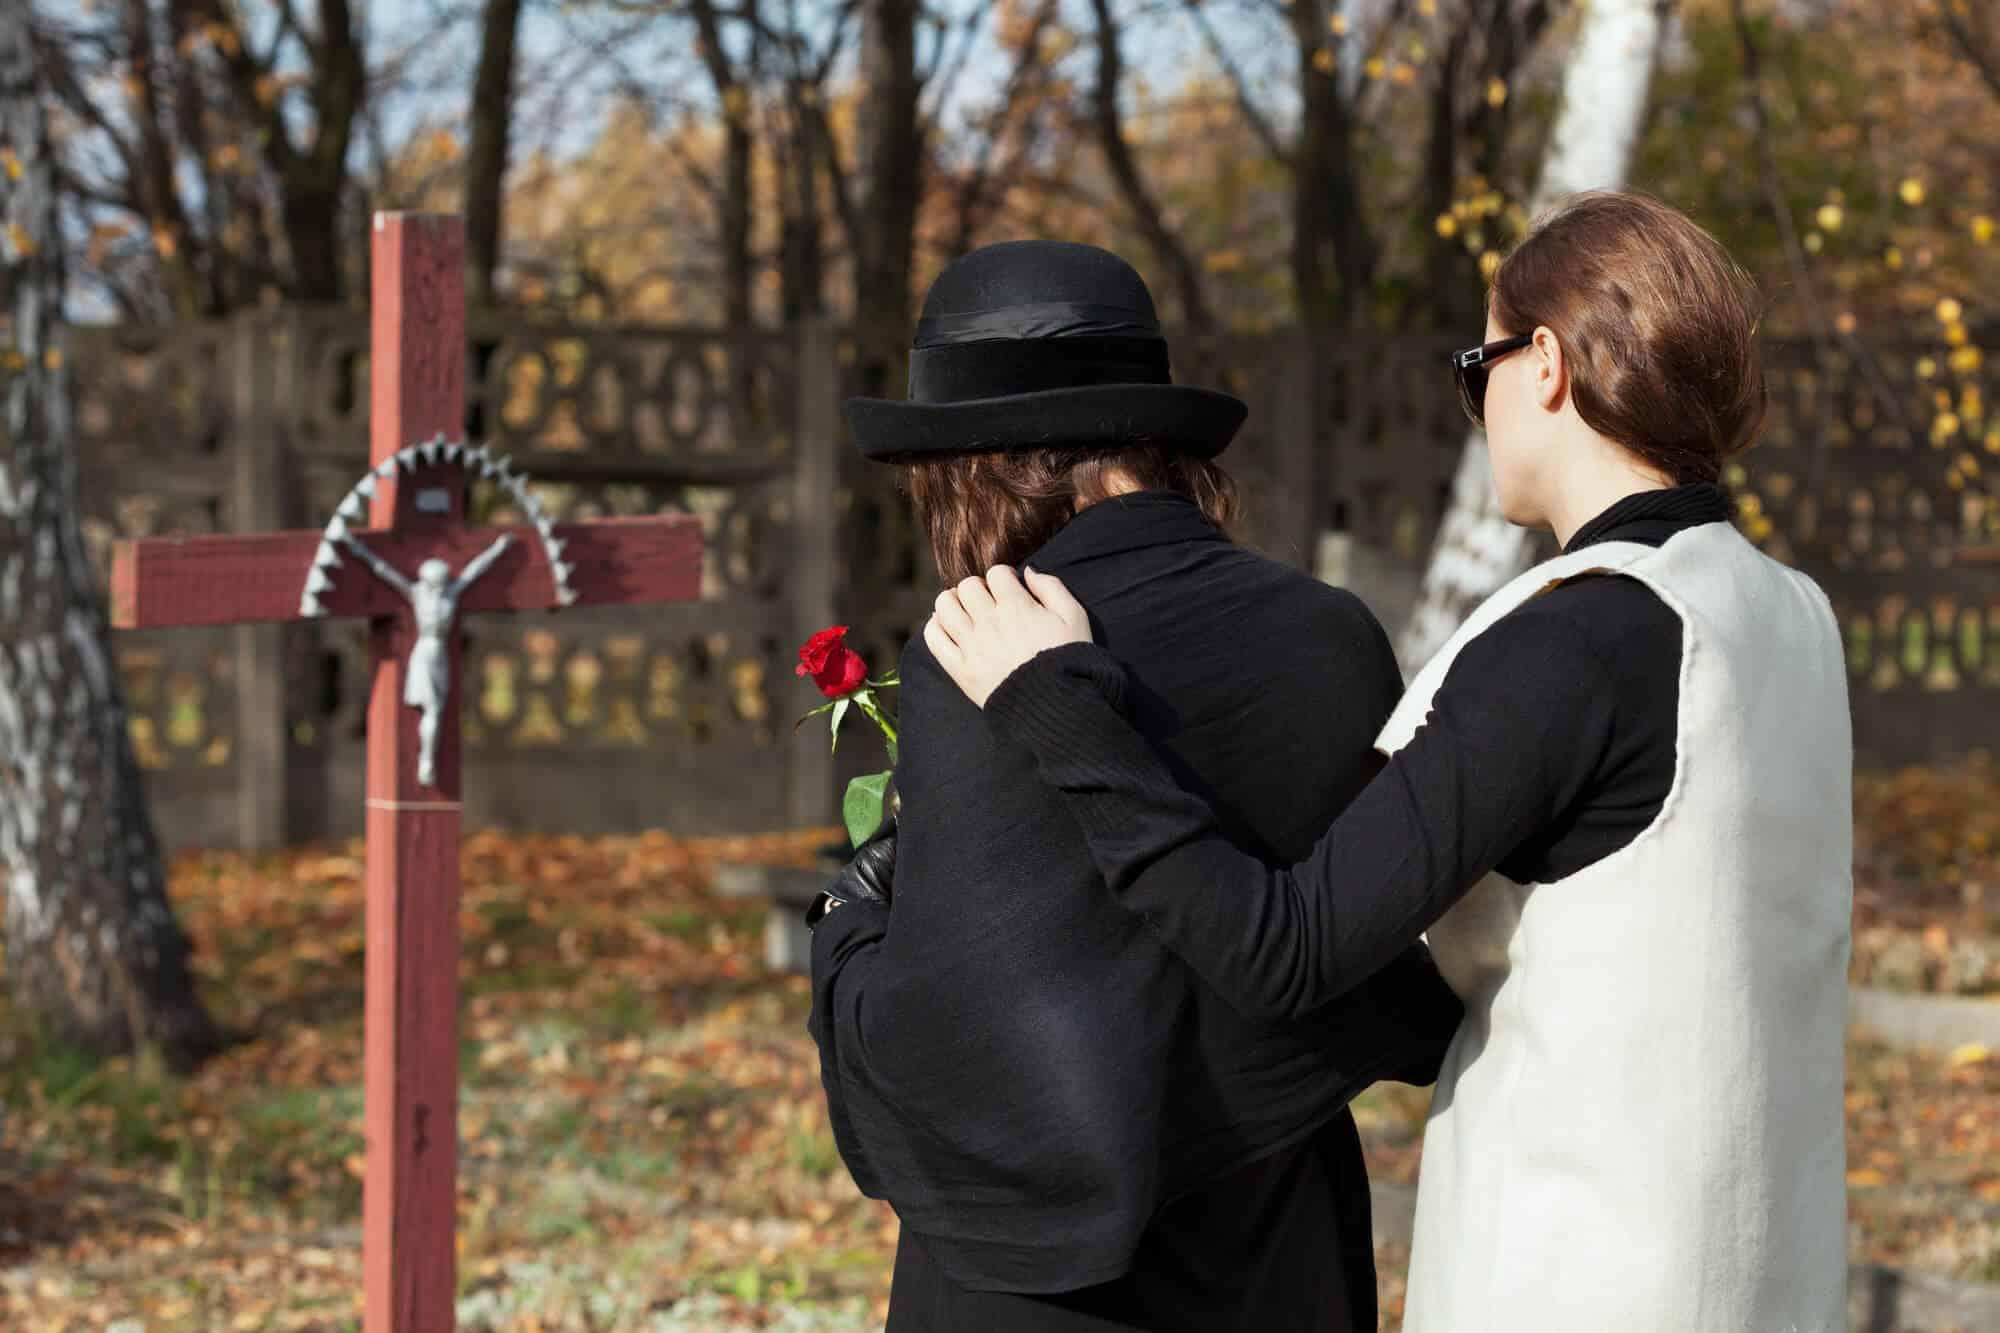 Pensão por morte e Reforma da Previdência: direito adquirido à reversão de cotas